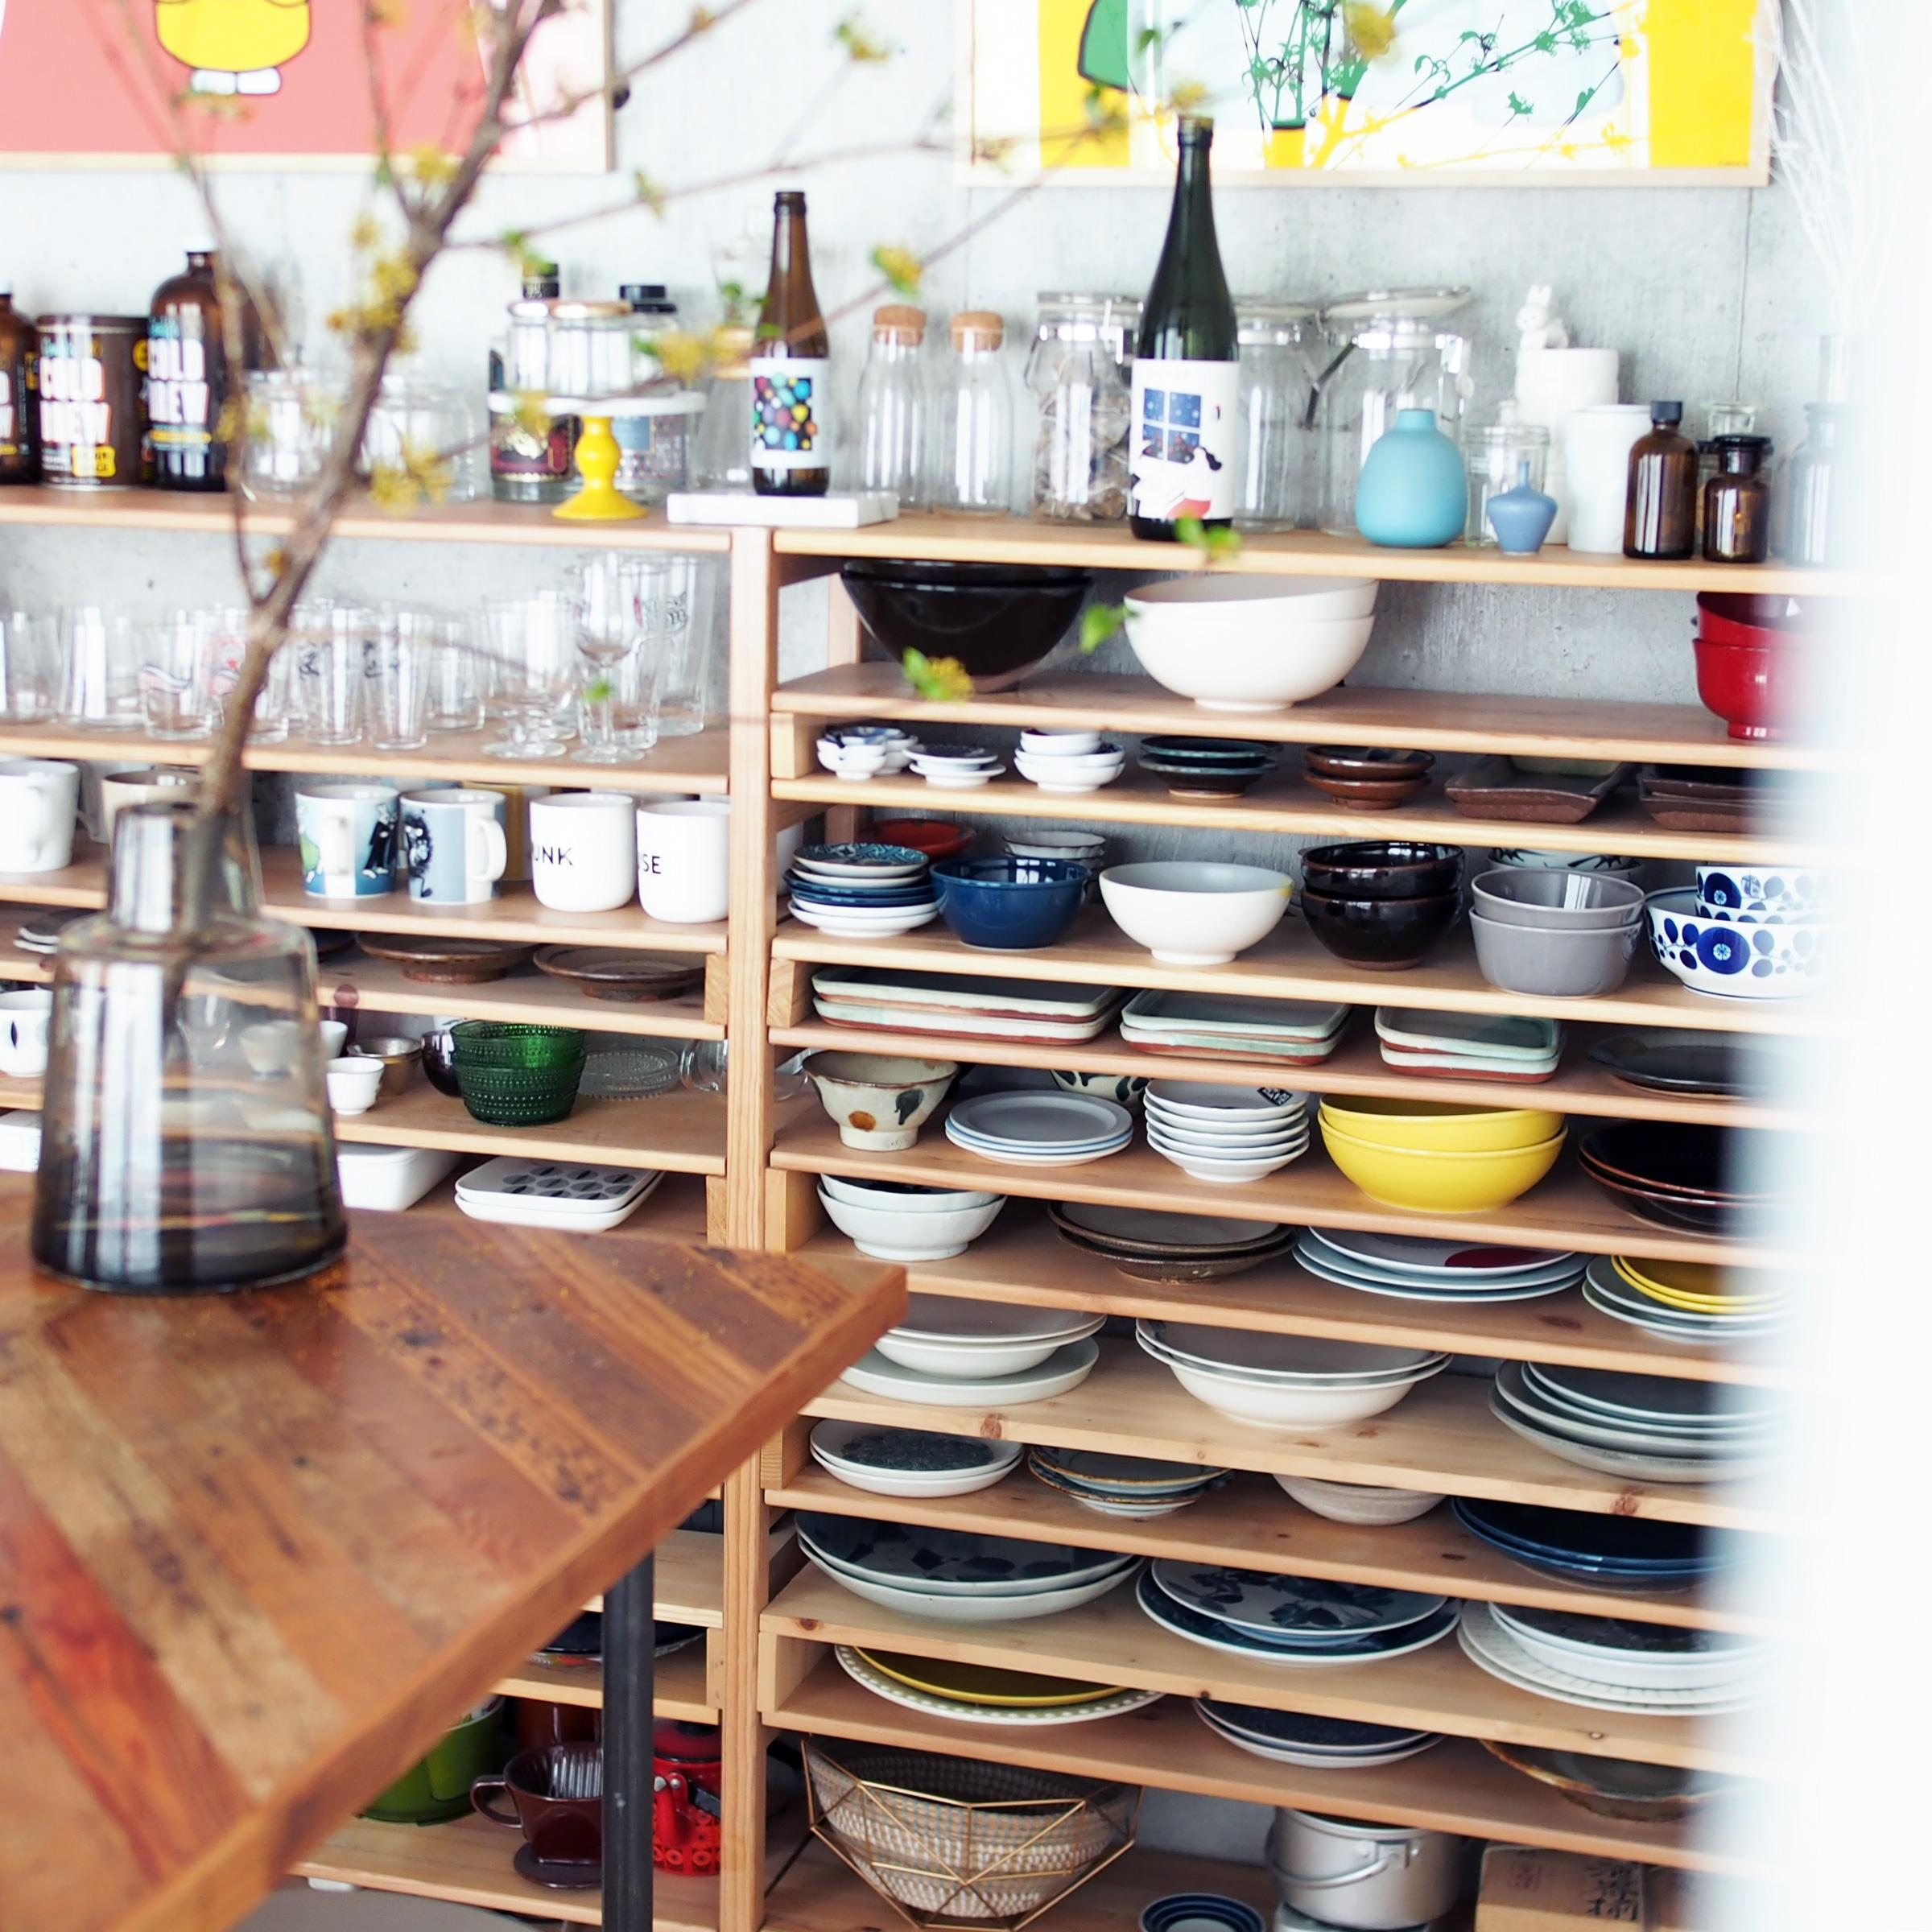 食器棚は奥に入れすぎないのがポイント! 心地よい素敵な部屋作りのヒント#1